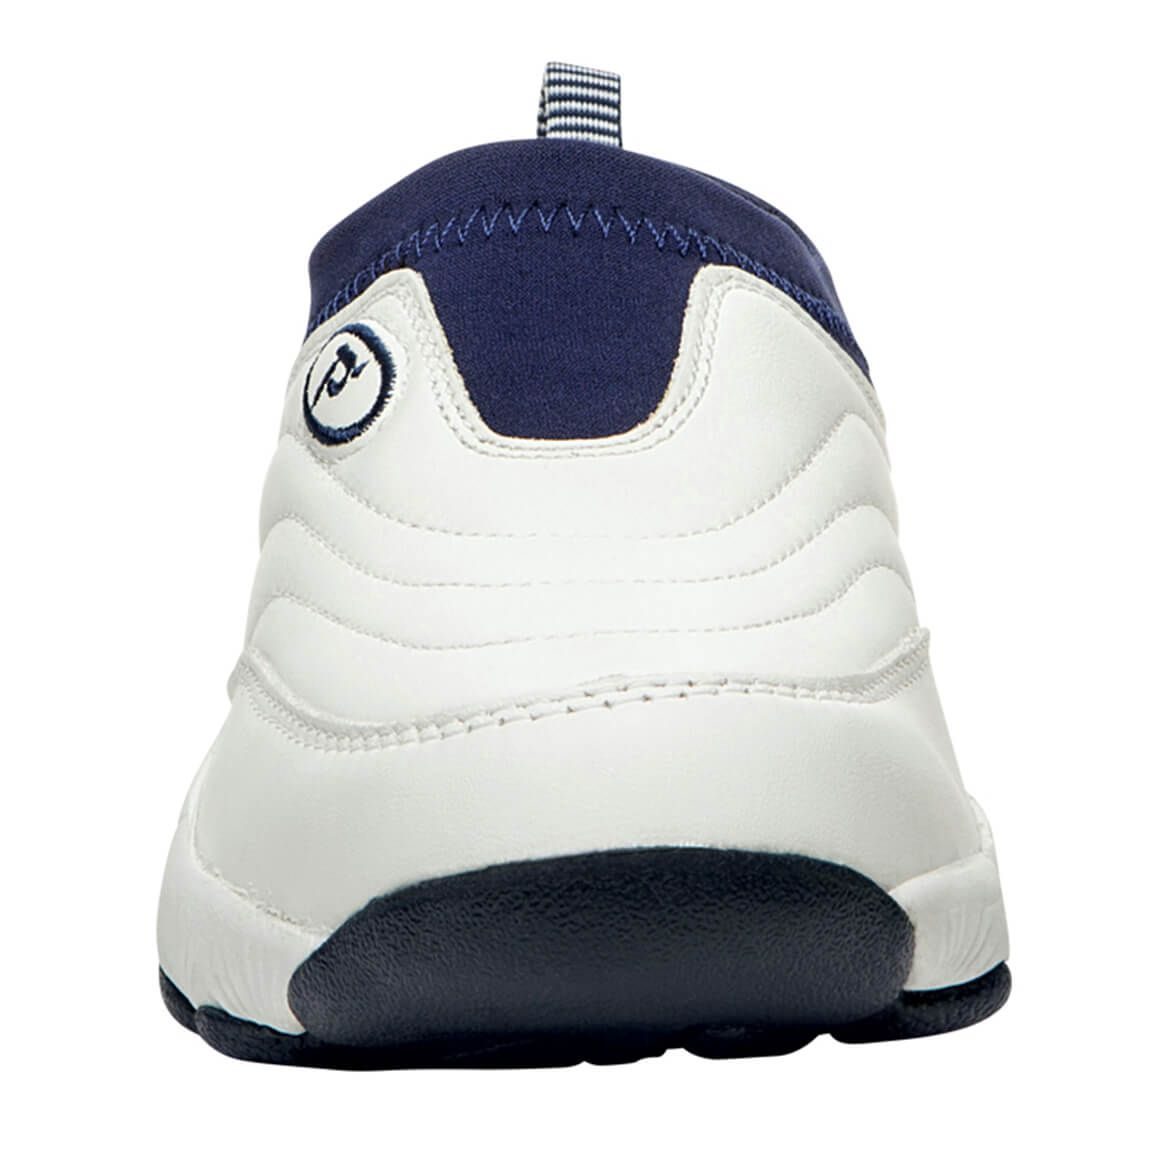 Propet® Wash & Wear Slip-On II Women's Sneaker-364310